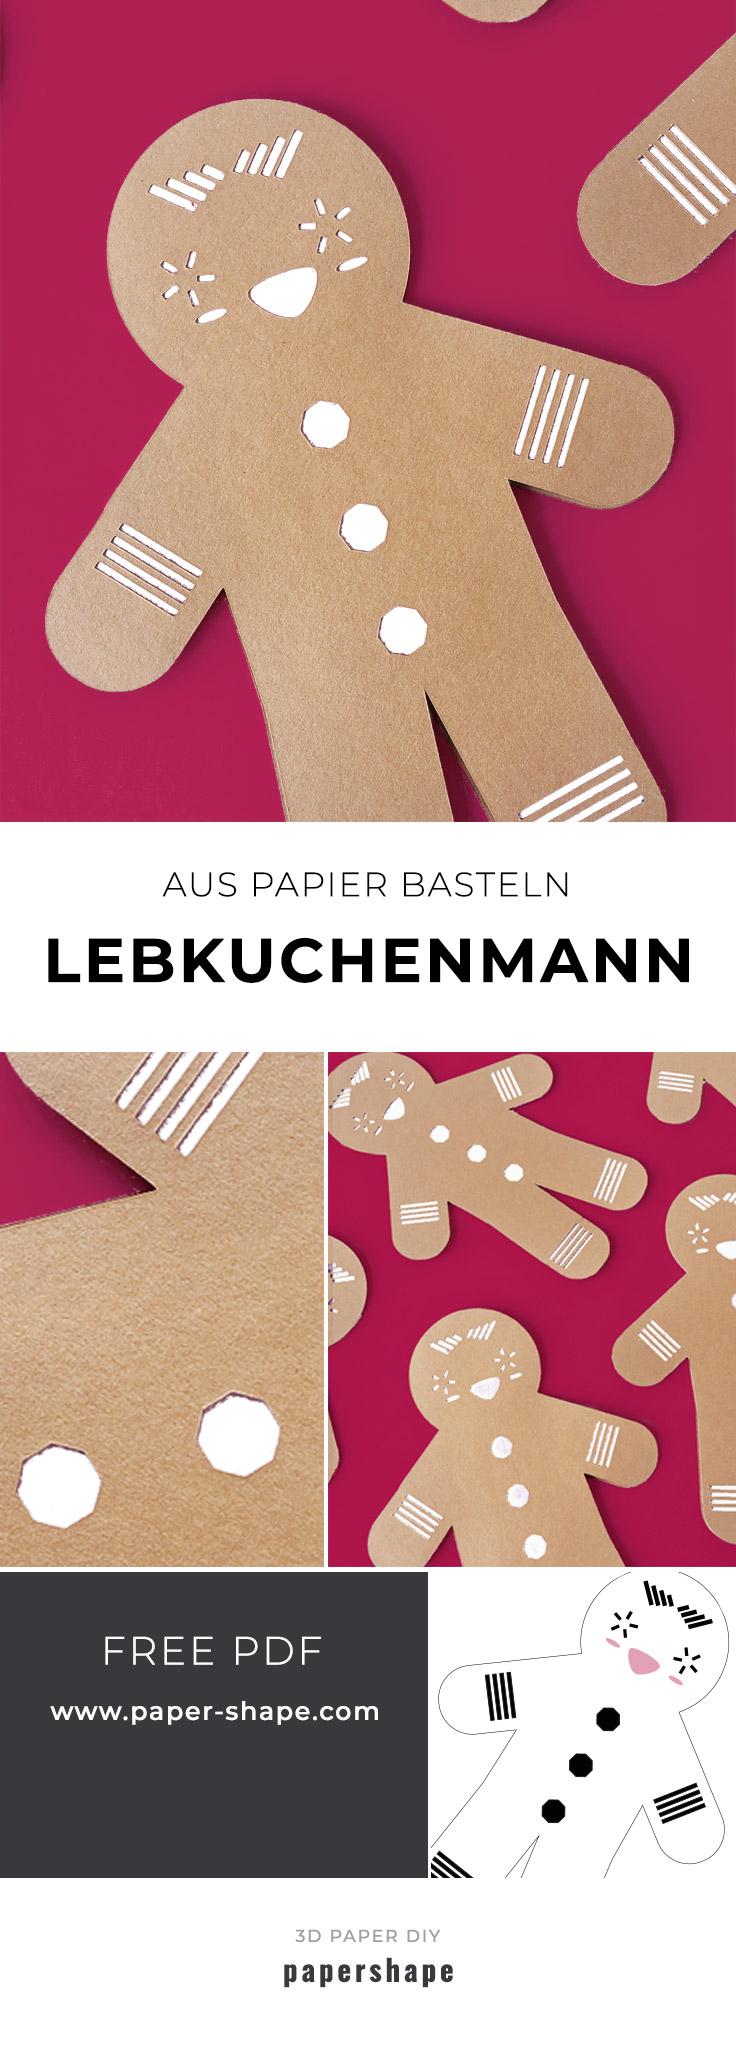 Weihnachtsdeko Lebkuchenmann.Schönsten Lebkuchenmann Mit Papier Basteln Mit Vorlage Papershape